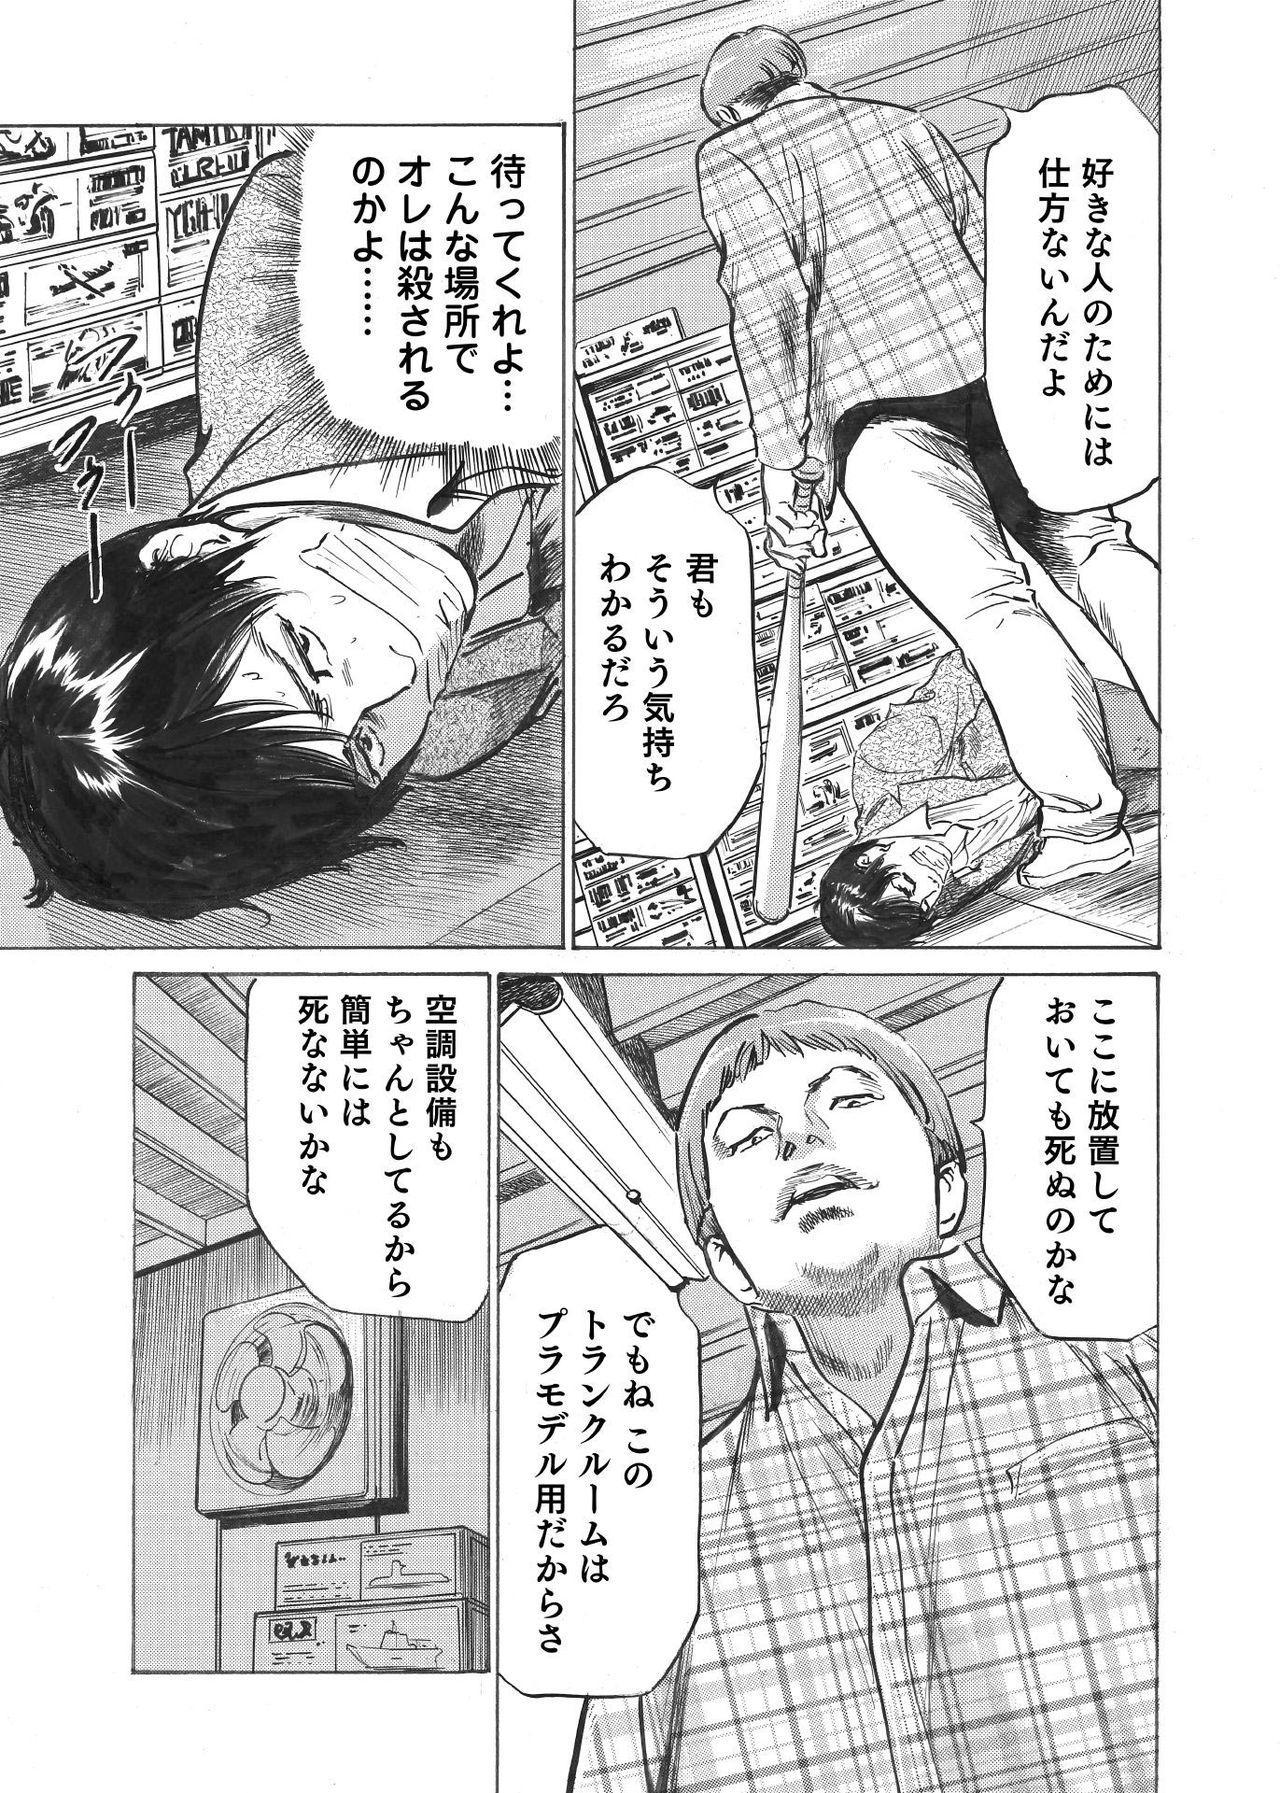 Ore wa Tsuma no Koto o Yoku Shiranai 1-9 49